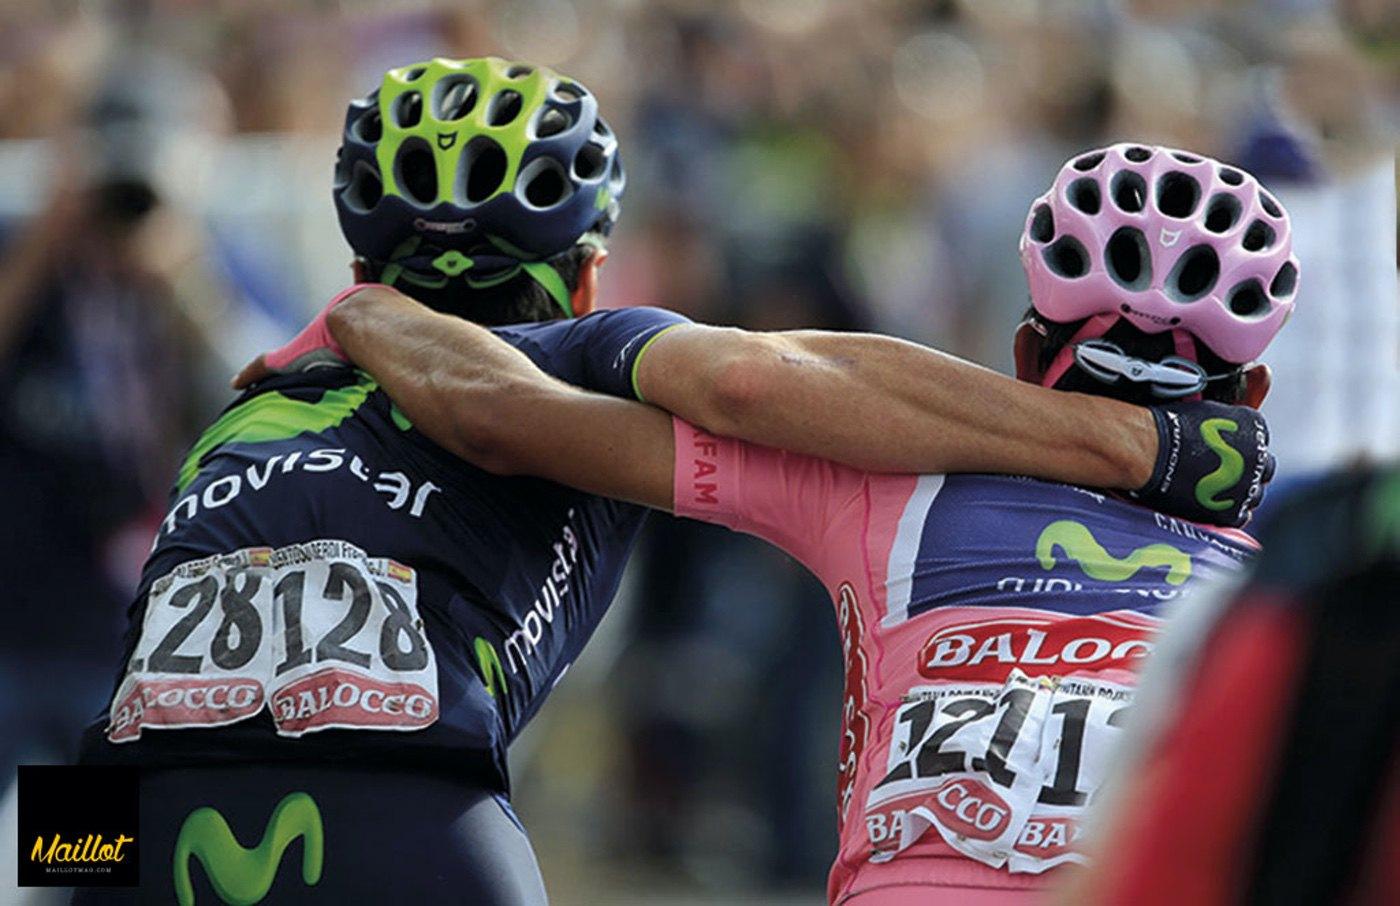 Catlike anuncia la decisión de no seguir esponsorizando equipos Pro Tour como el Movistar Team